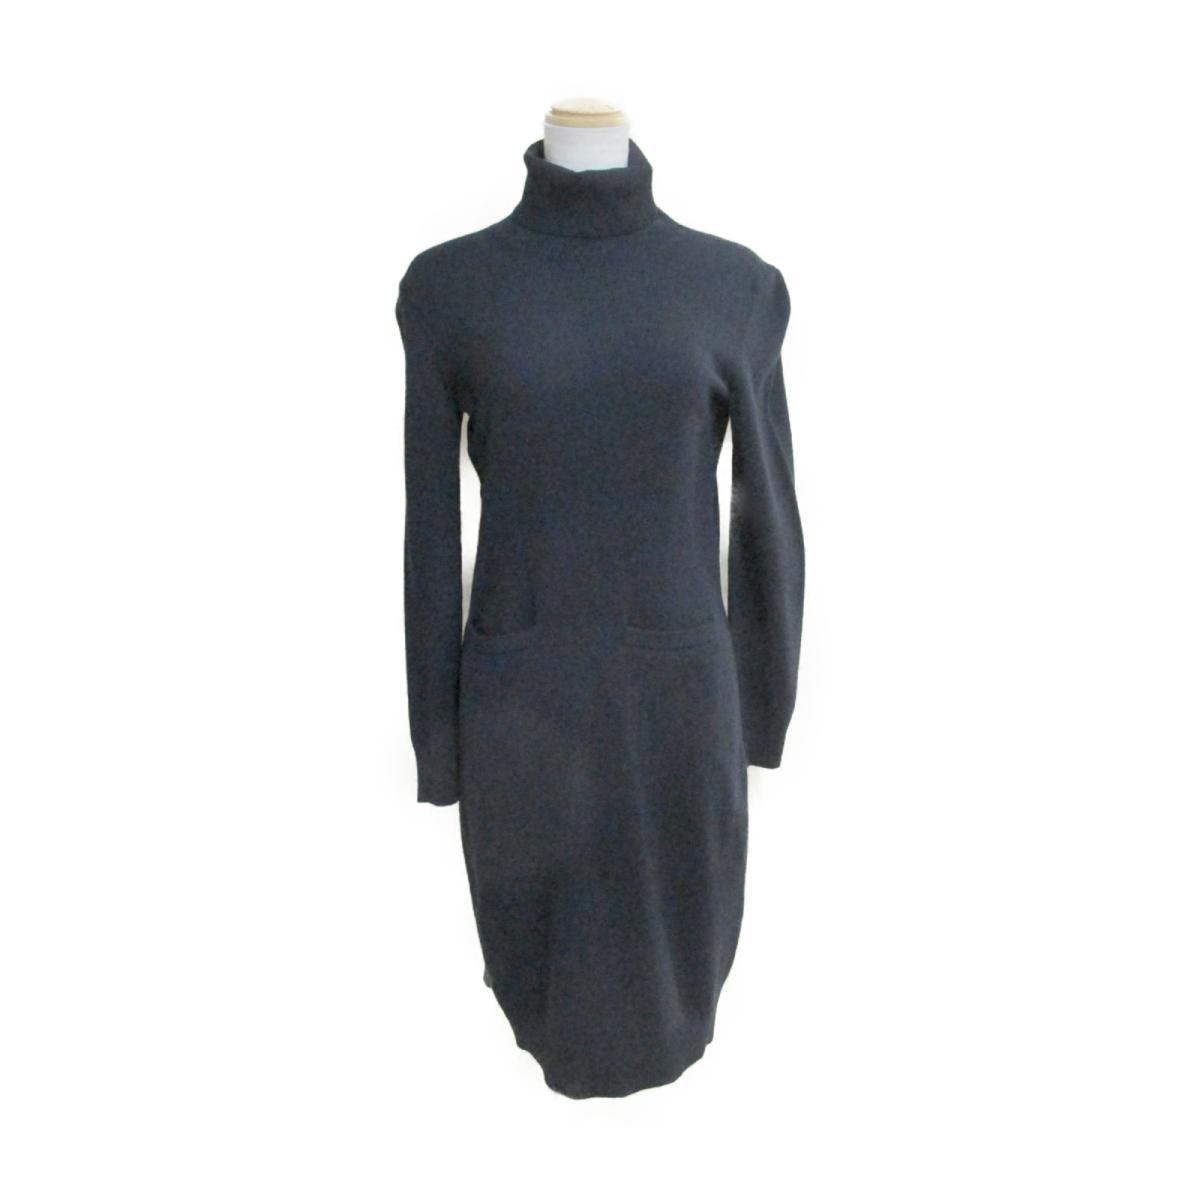 【中古】 エルメス タートルニット ワンピース レディース ウール (80%) シルク (20%) ネイビー | HERMES BRANDOFF ブランドオフ 衣料品 衣類 ブランド